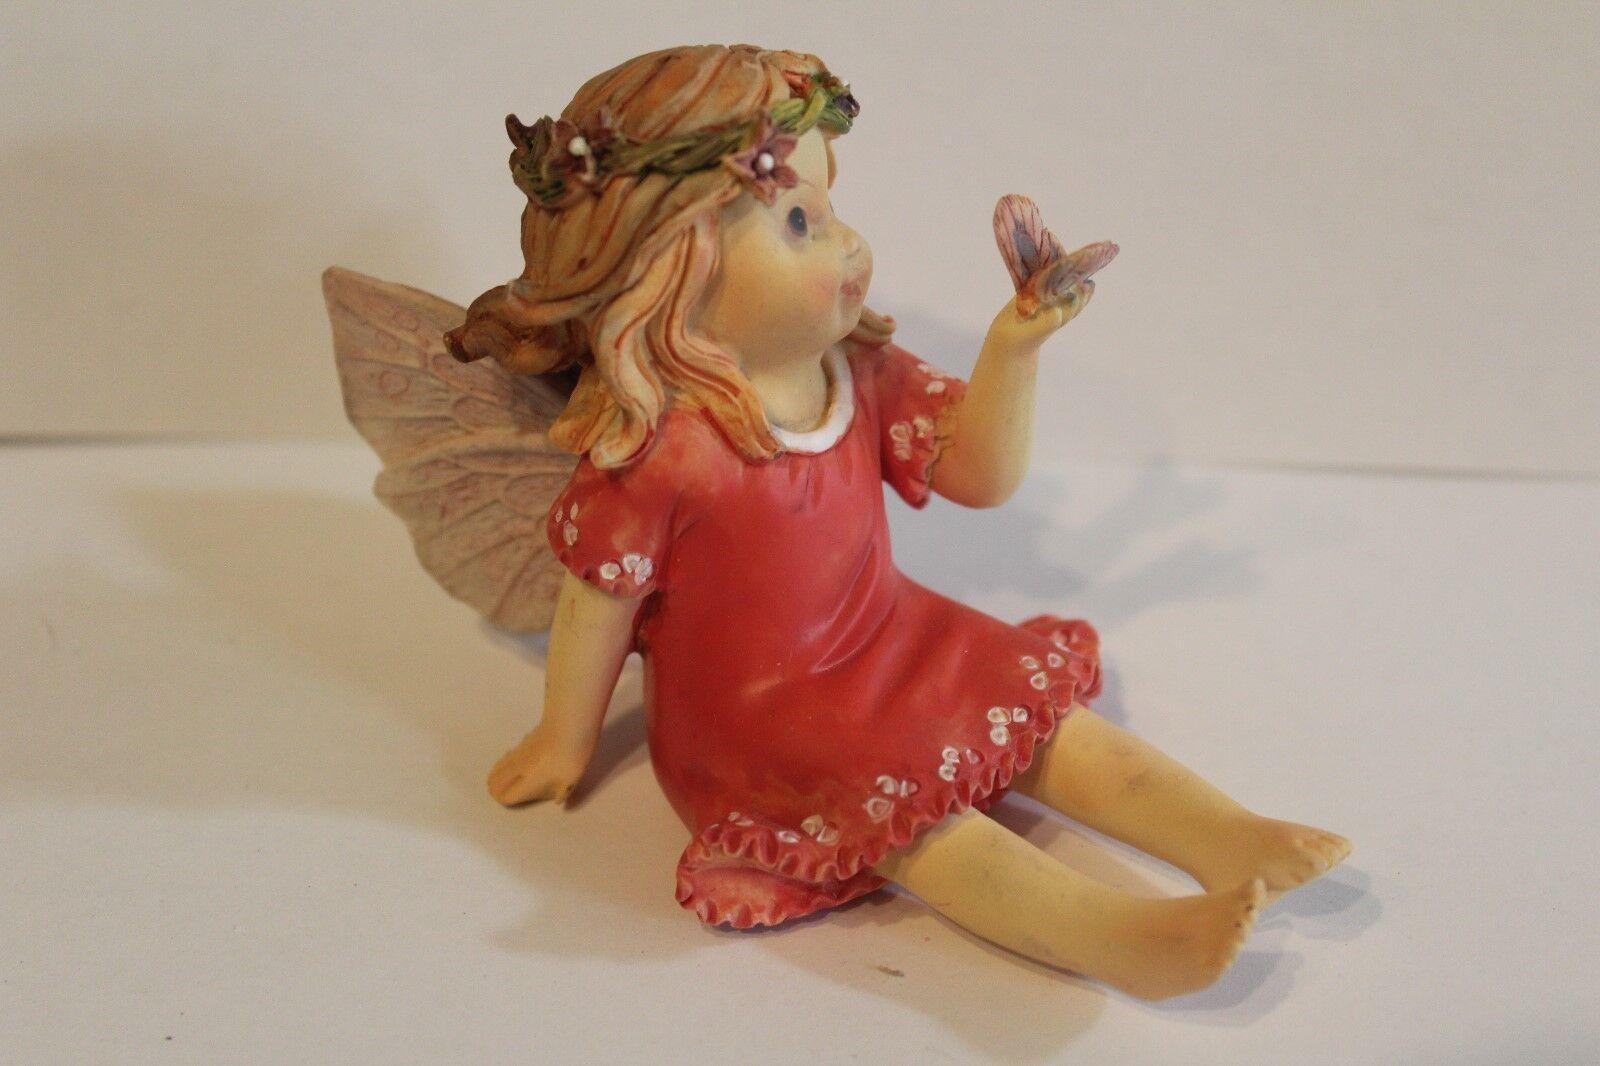 """Deko Figur  """"Baby Ferry rot mit Schmetterling sitzend """" L:10  H: 6,5 B. 5,5 cm"""